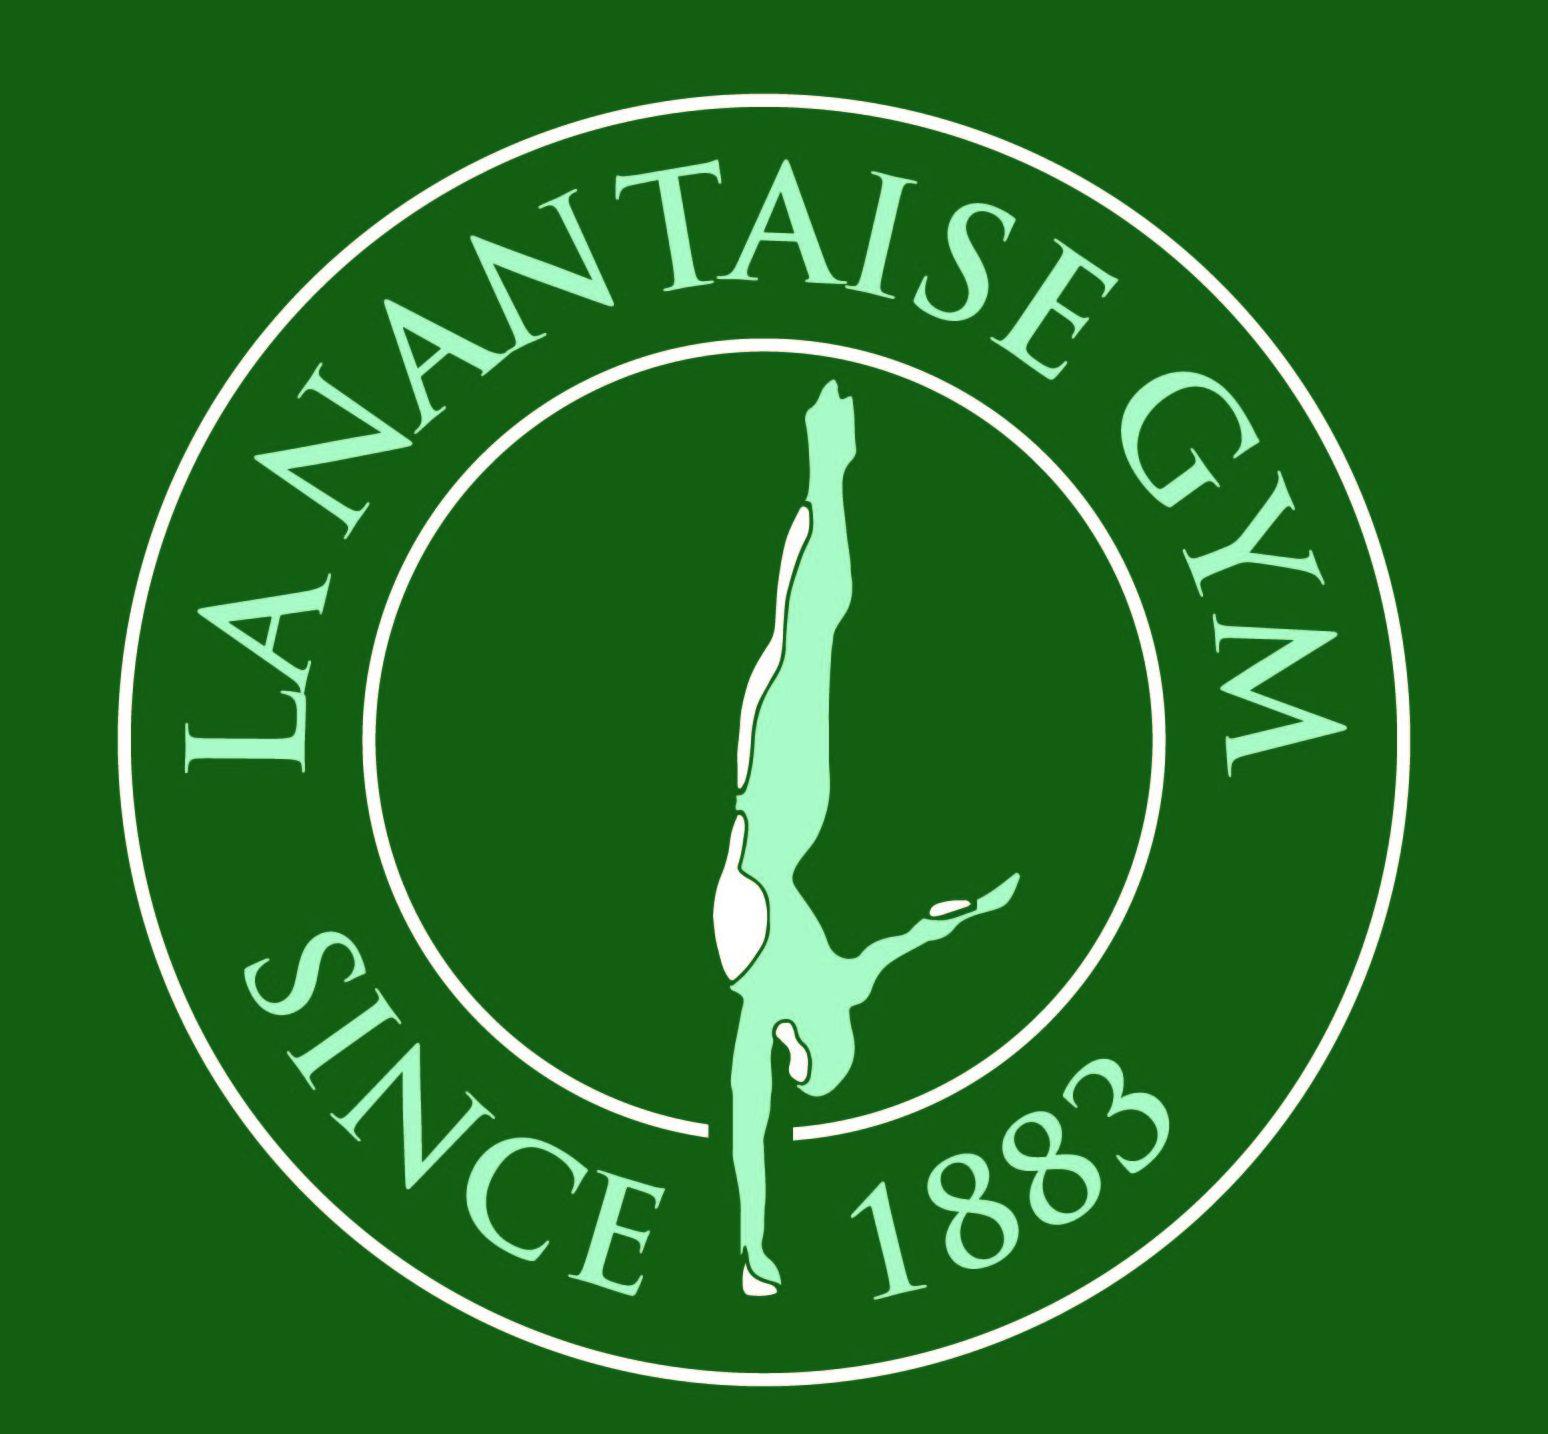 La Nantaise Gymnastique